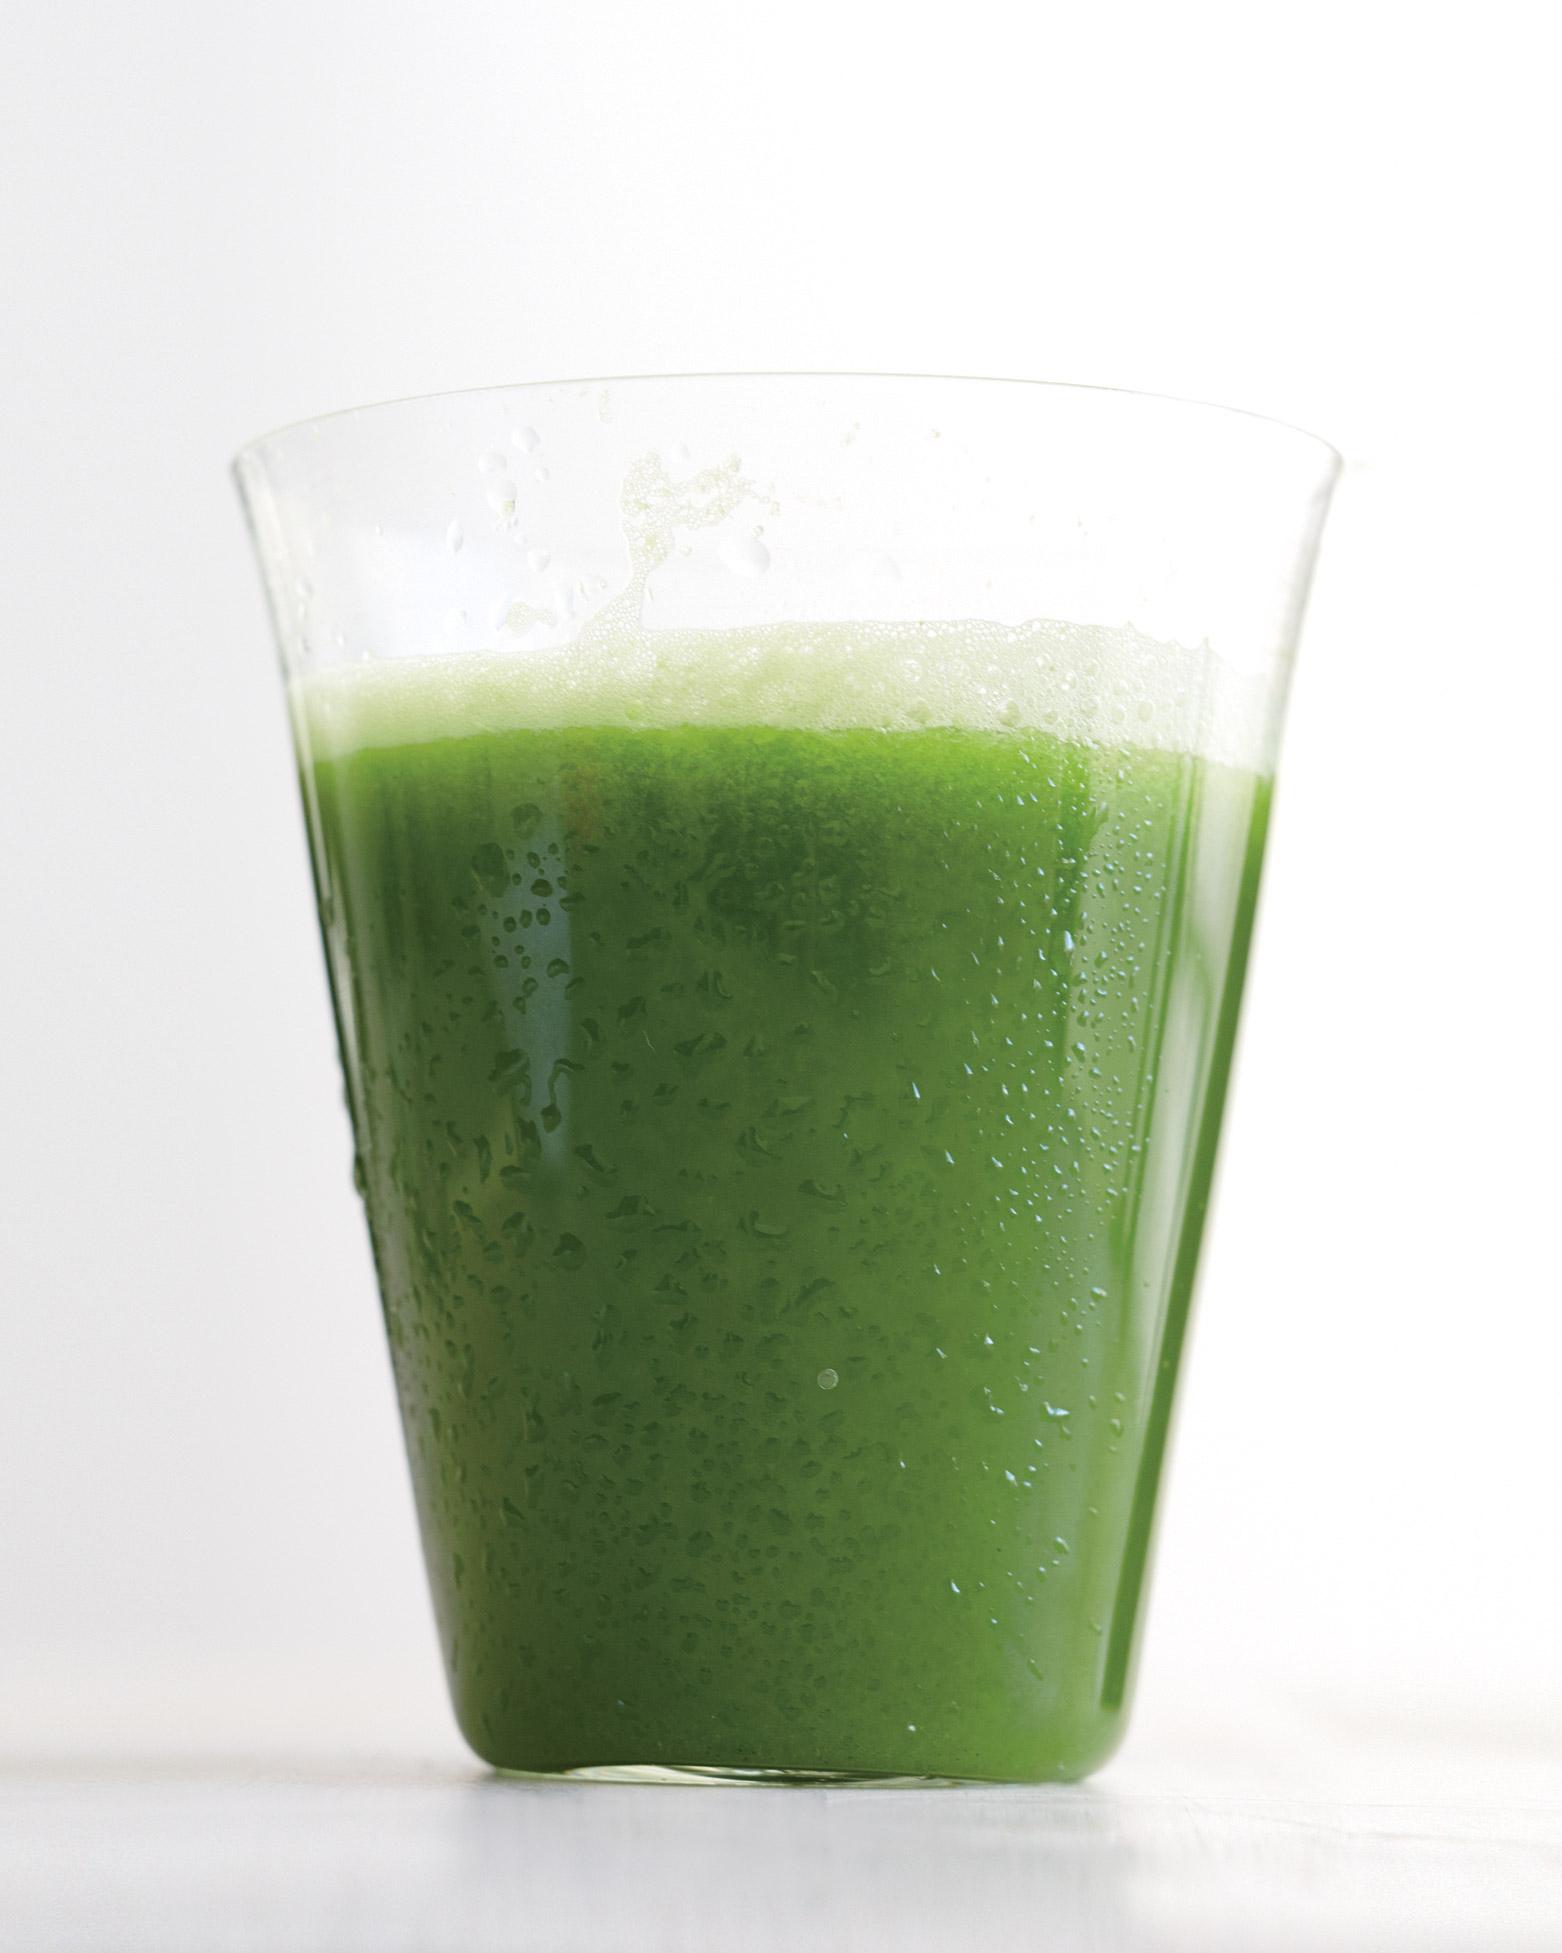 green-juice-mbd108052.jpg